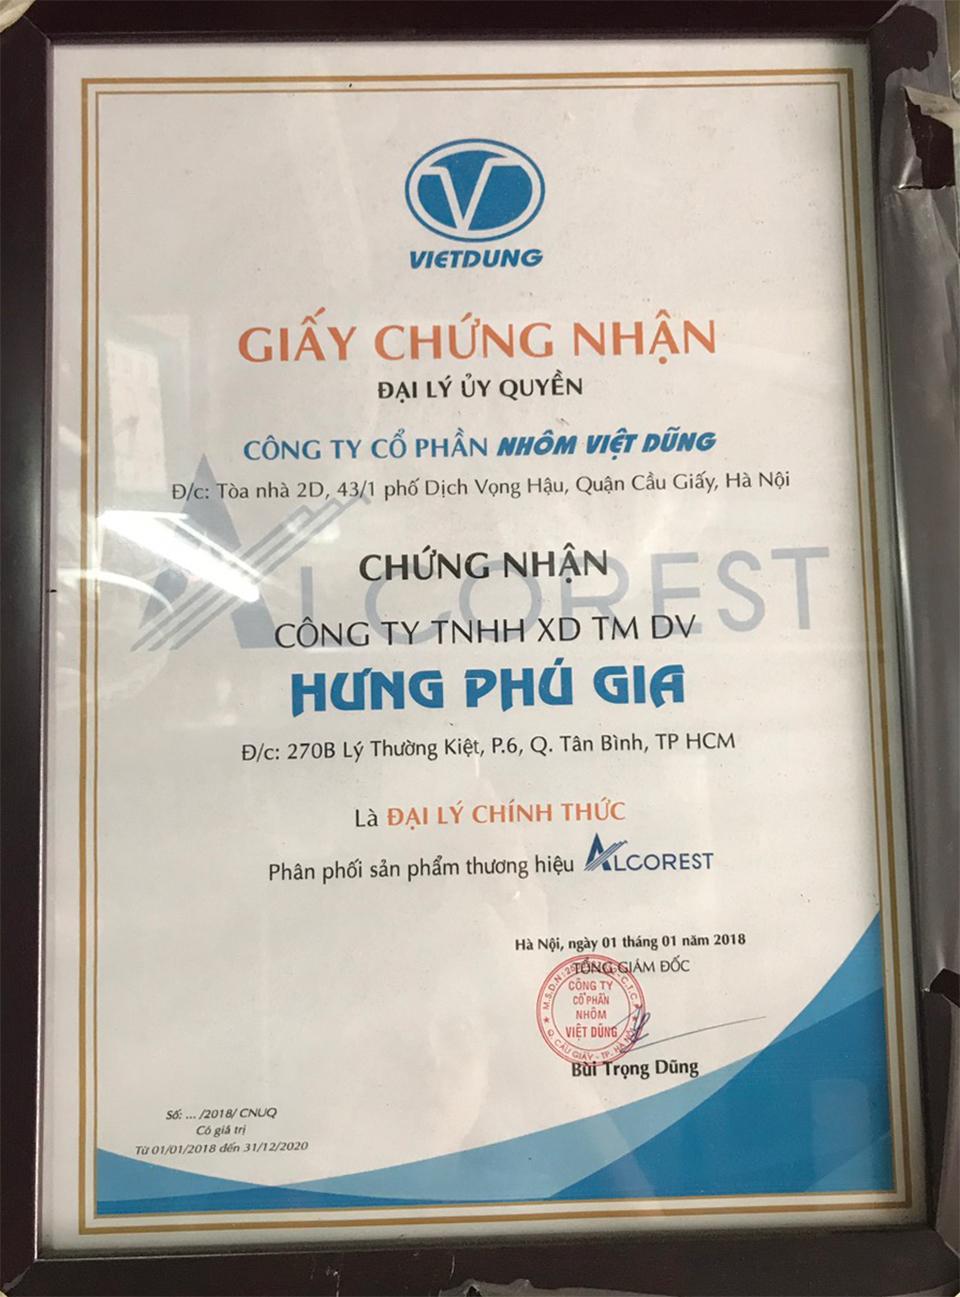 Giấy chứng nhận đại lý chính thức của Nhôm Việt Dũng